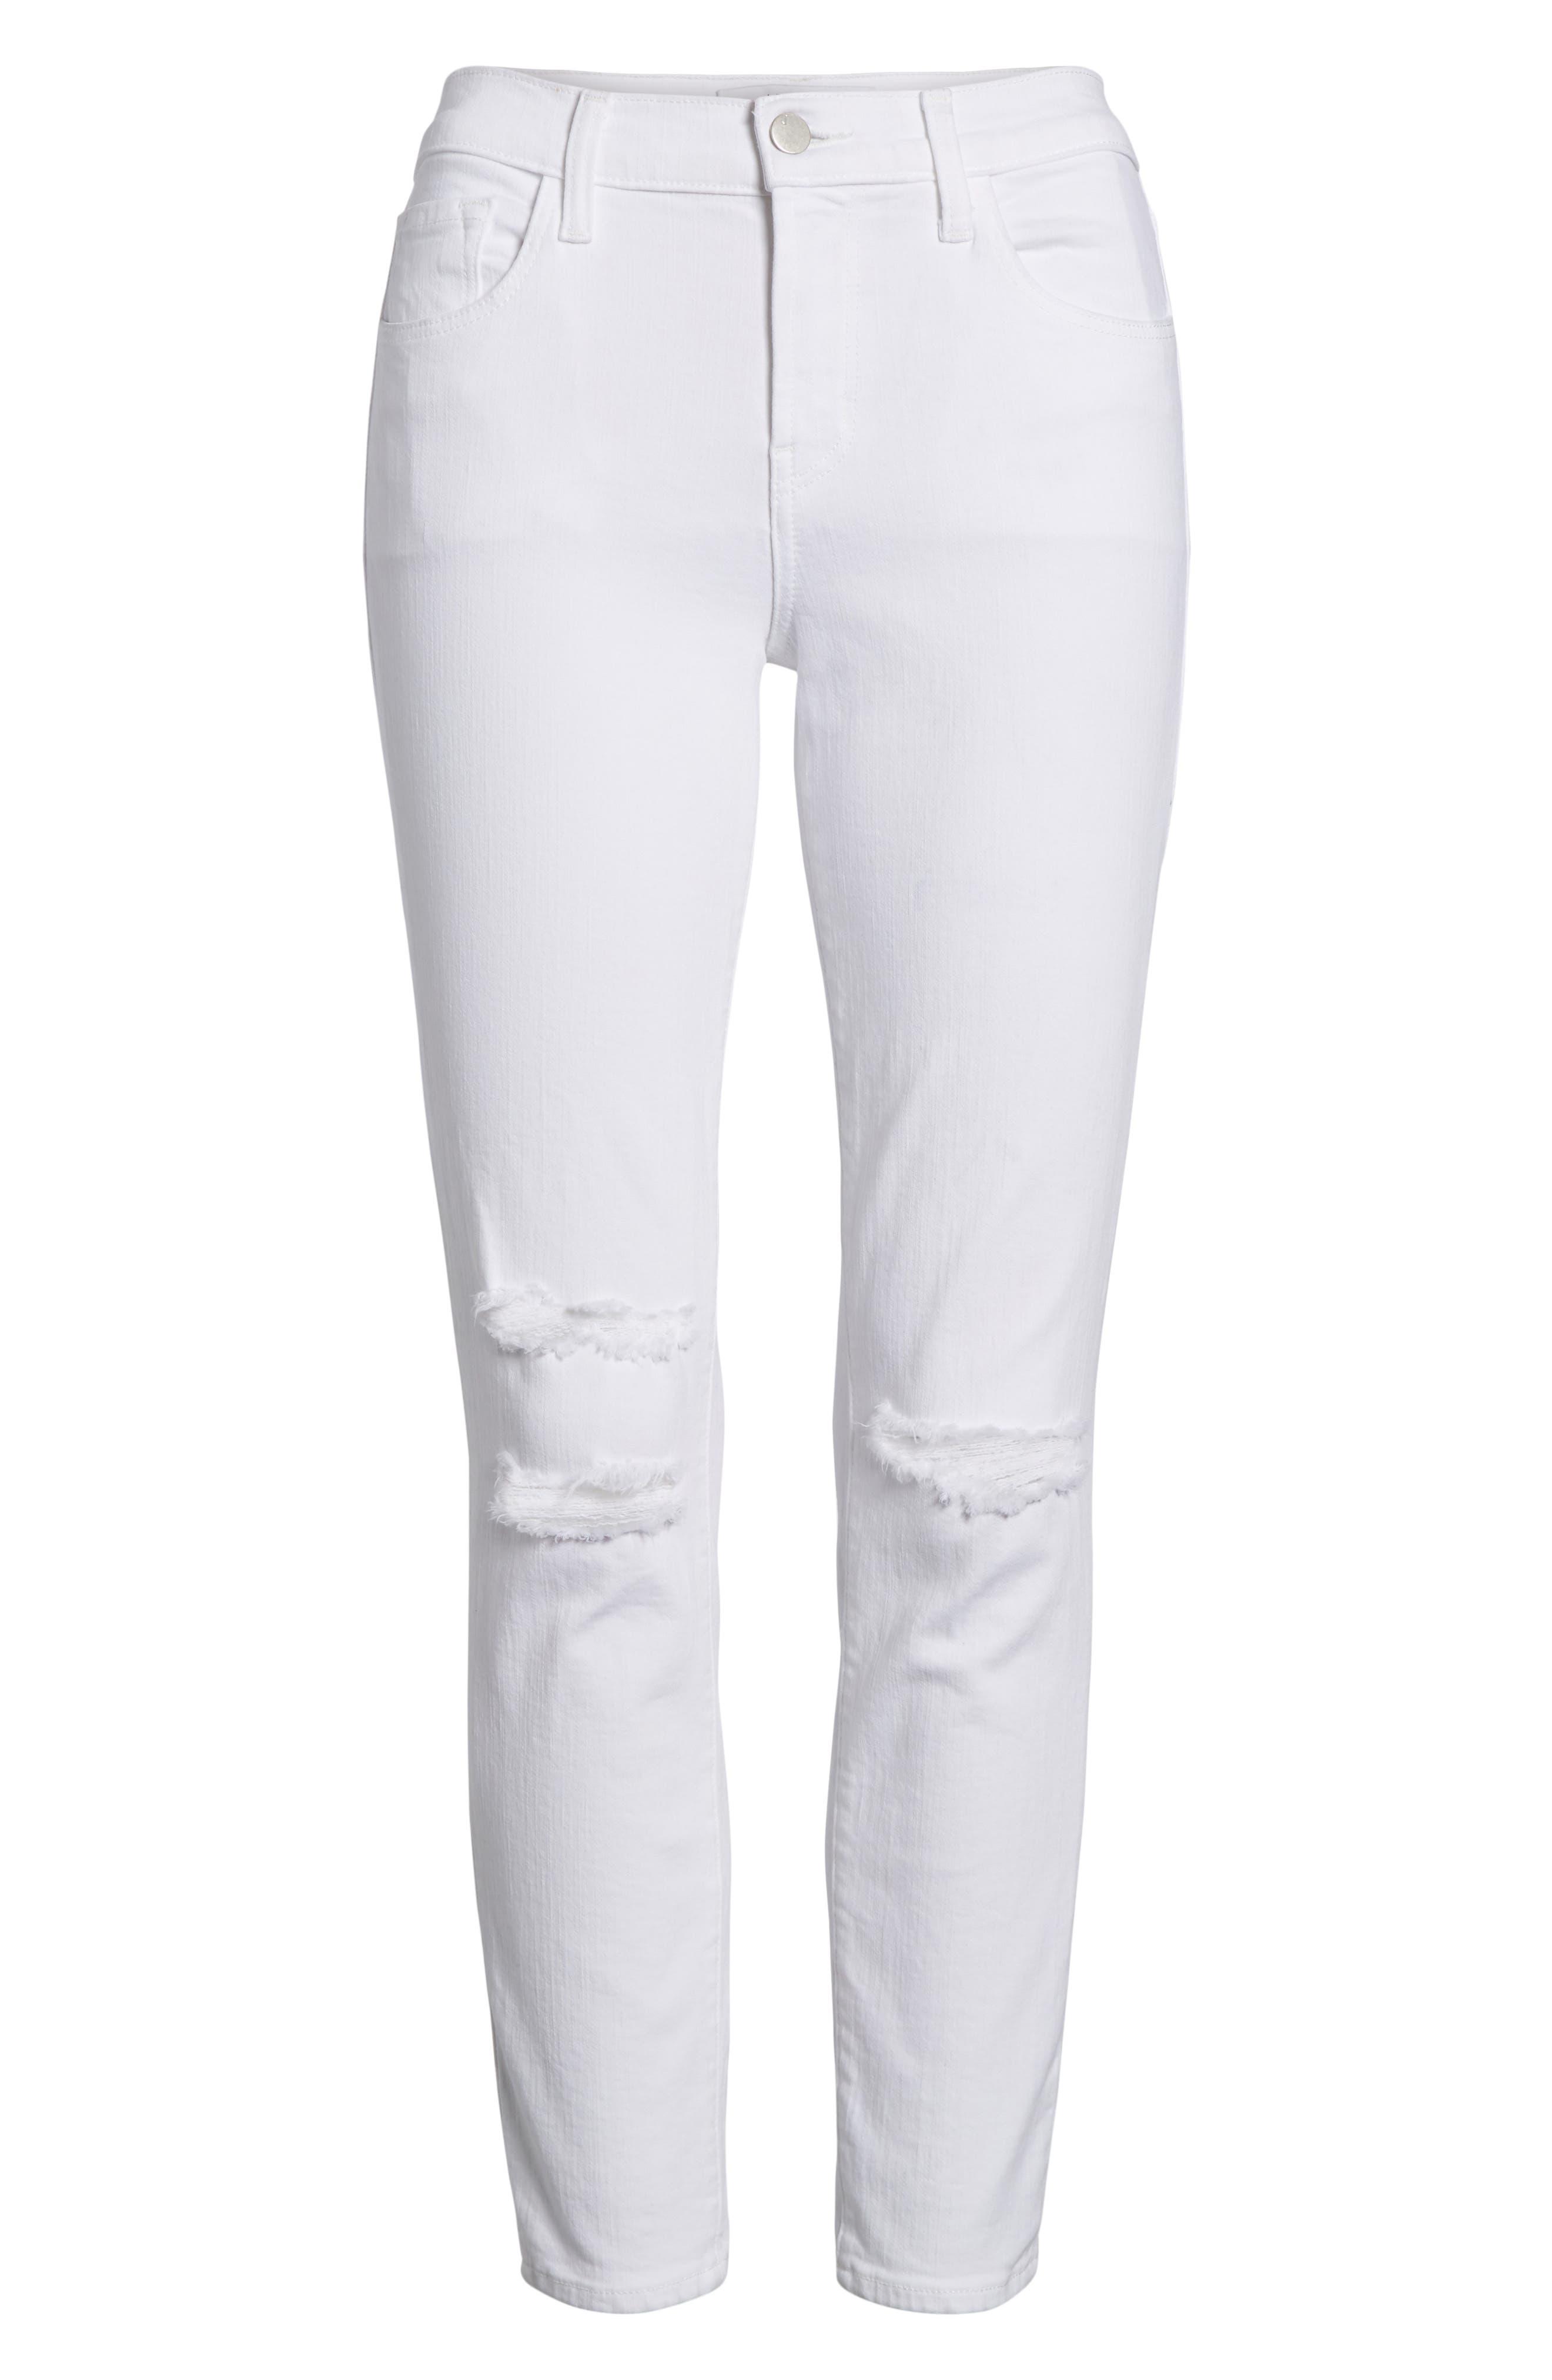 J BRAND, Mid-Rise Capri Skinny Jeans, Alternate thumbnail 7, color, 101